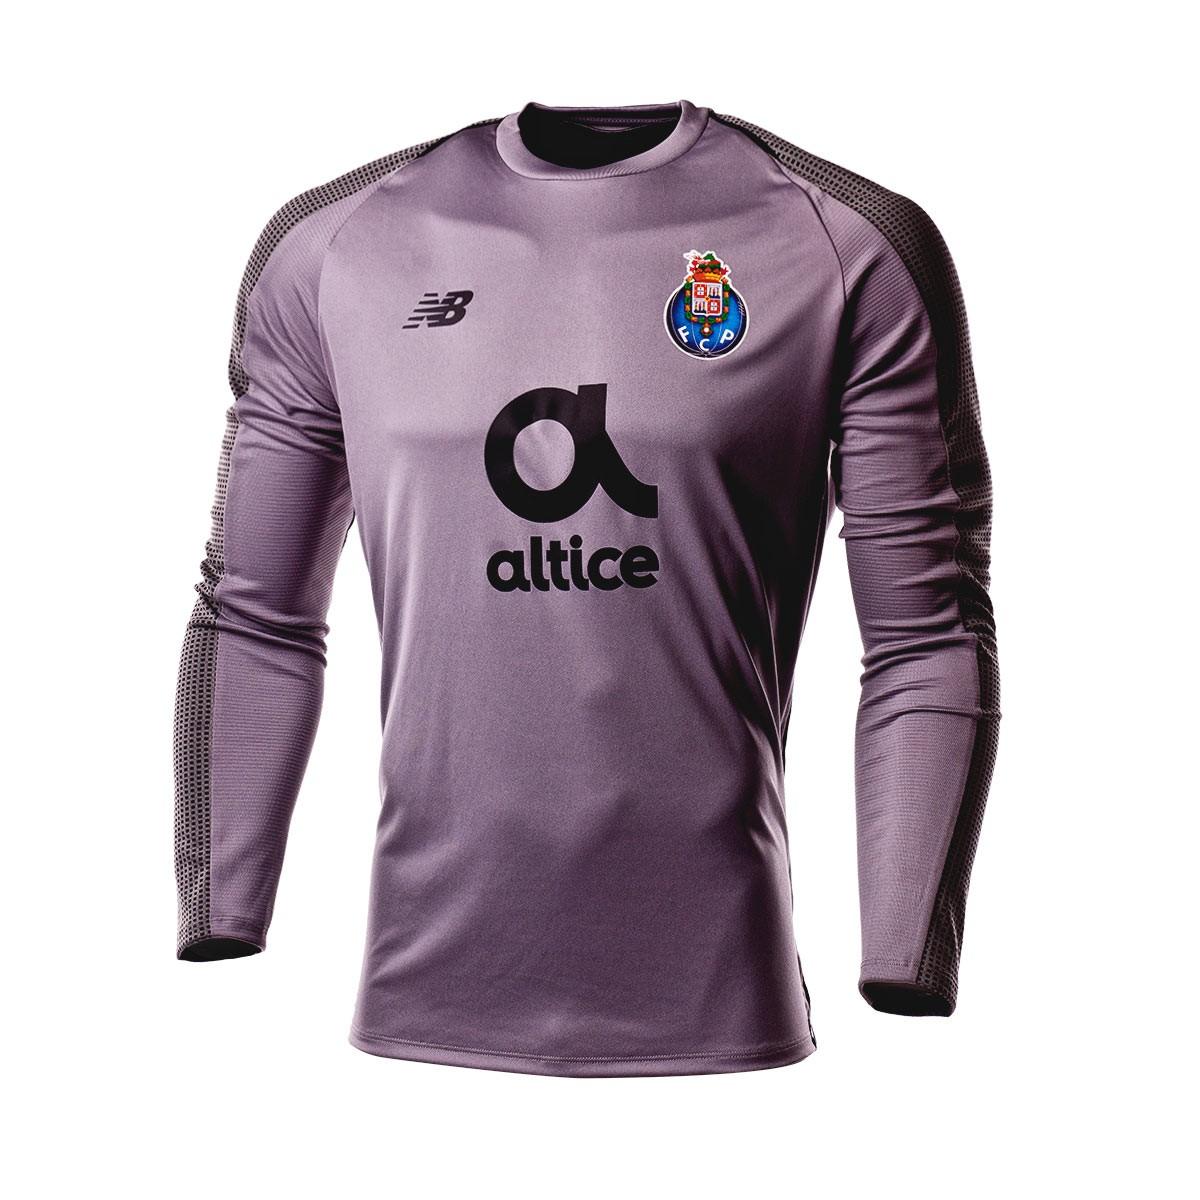 e45196ecc6e87 Camiseta New Balance FC Porto Primera Equipación Portero 2018-2019 Gris -  Tienda de fútbol Fútbol Emotion